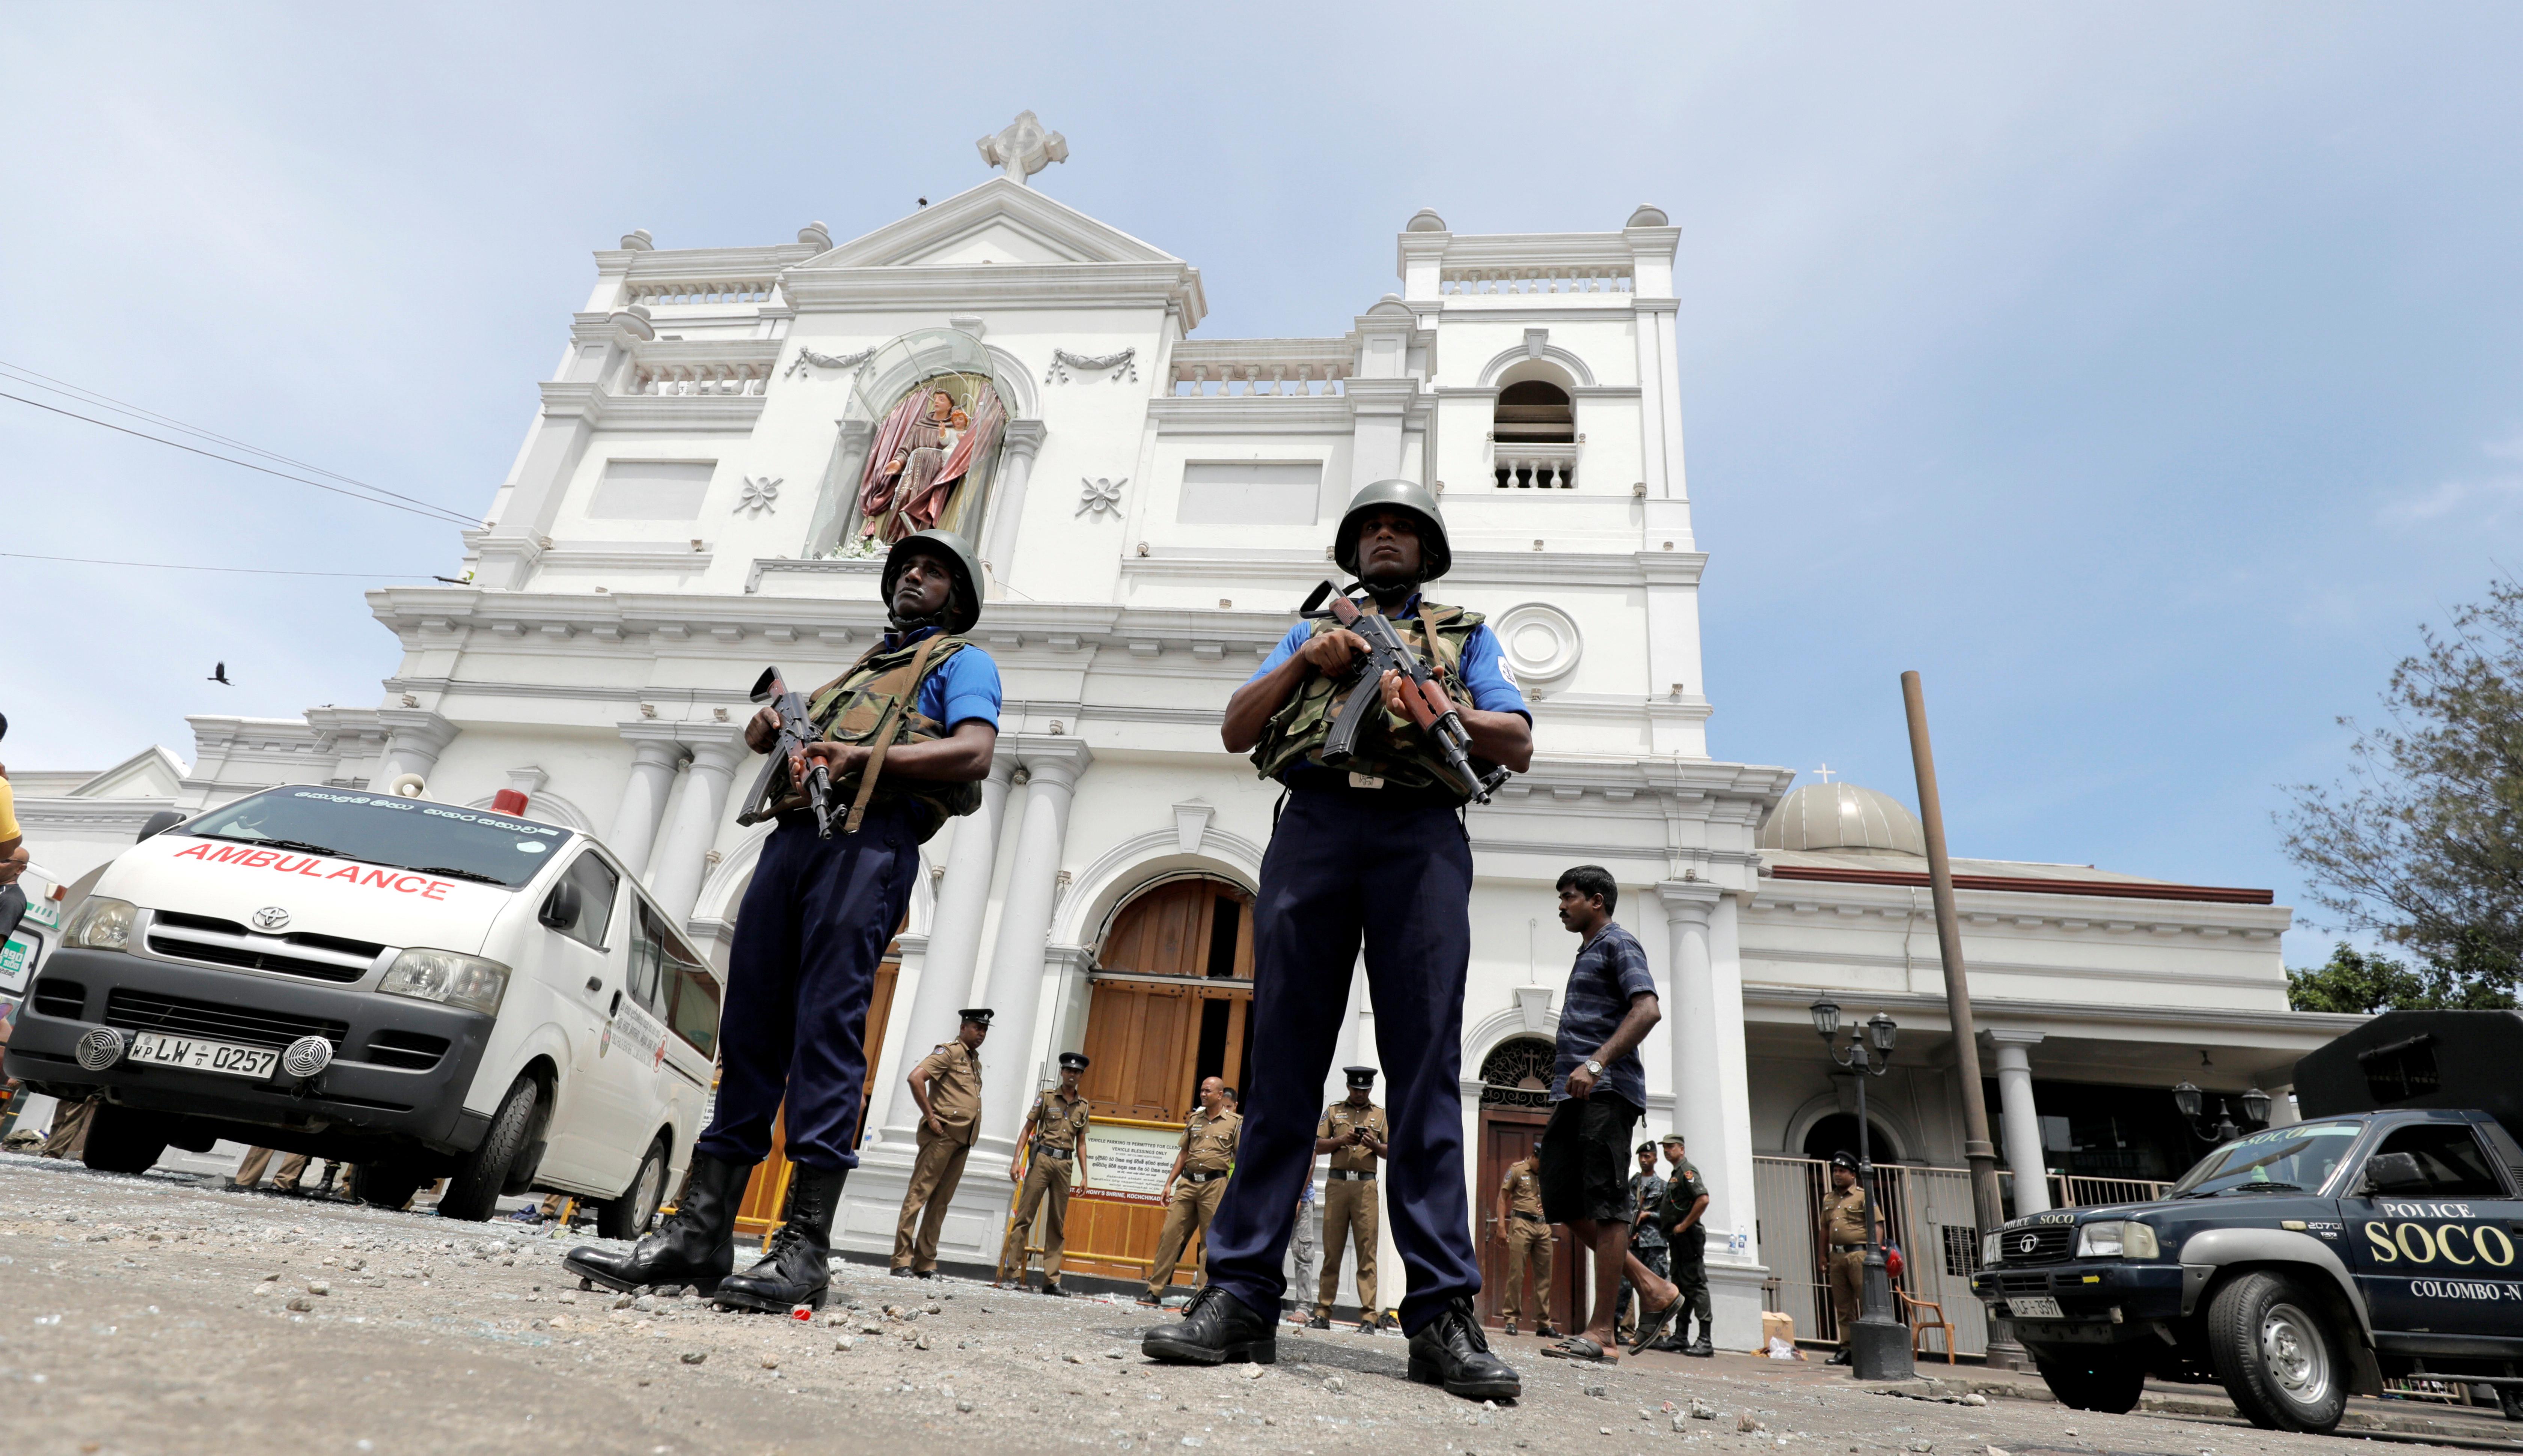 Subiu para mais de 100 o número de mortos no Sri Lanka após explosões